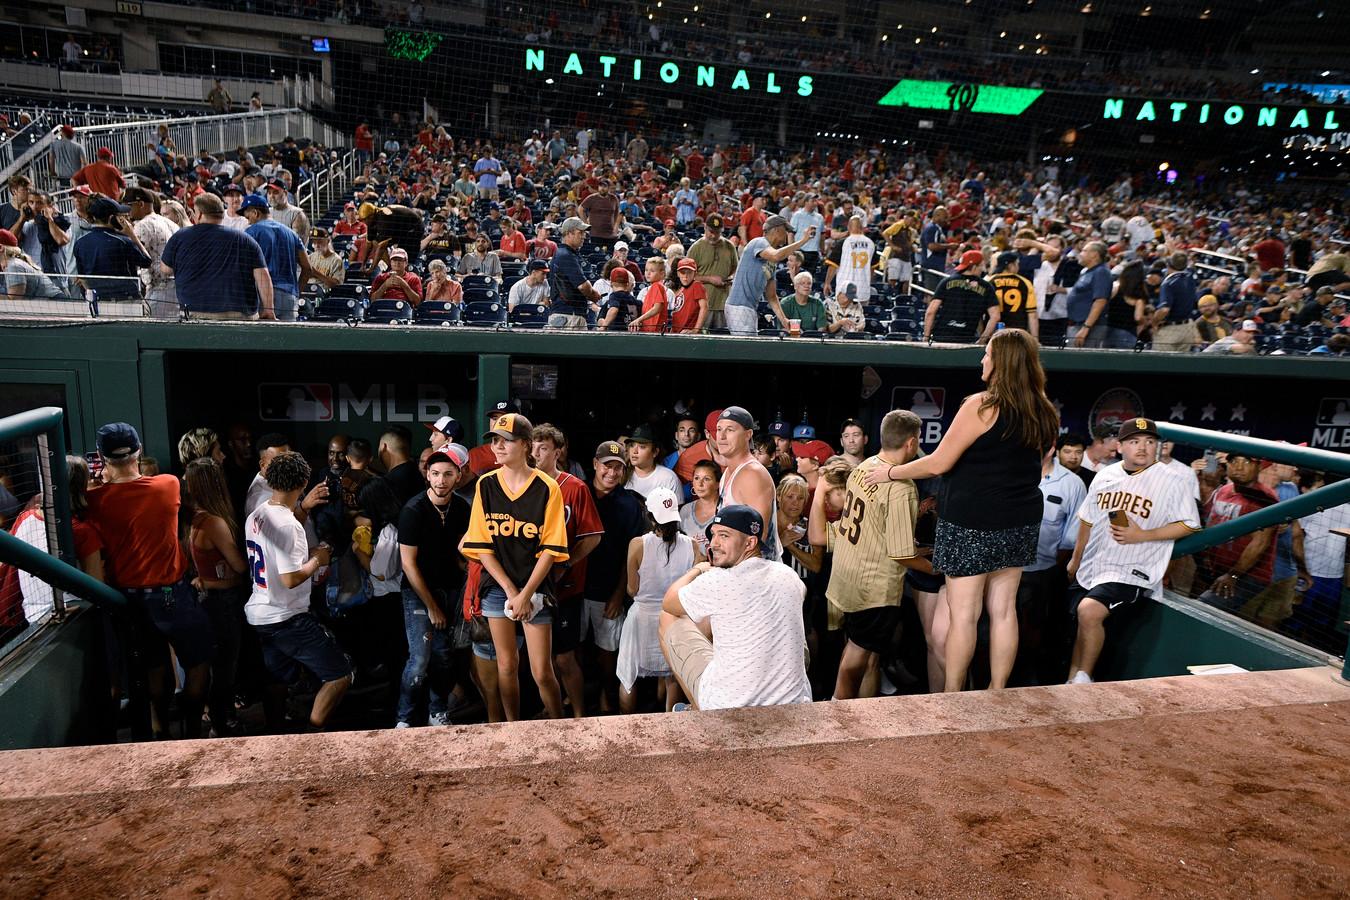 Toeschouwers verzamelen zich in de dug out.